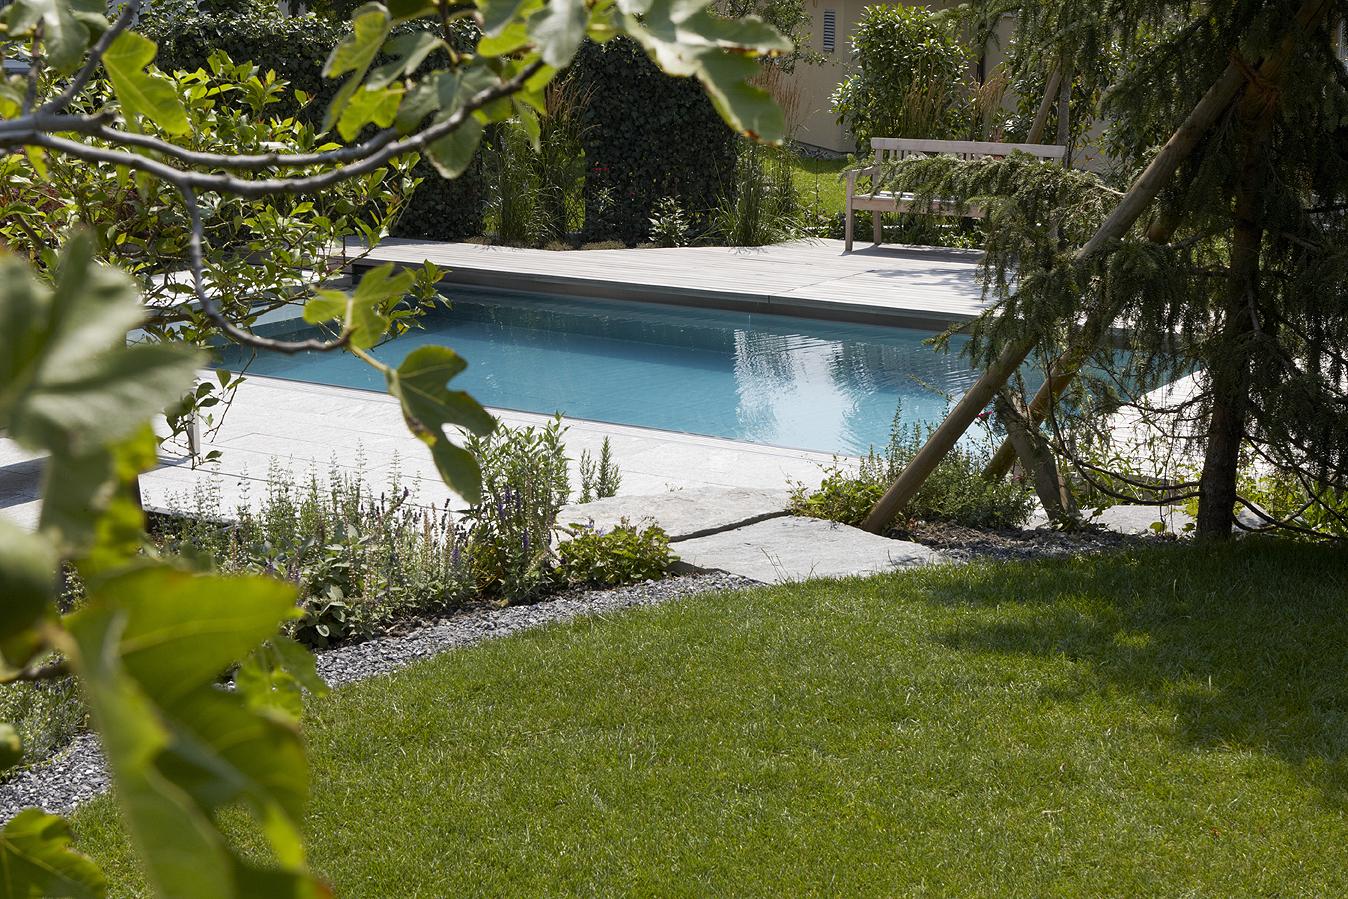 Living-Pool-Naturpool-egli-jona-blog-8